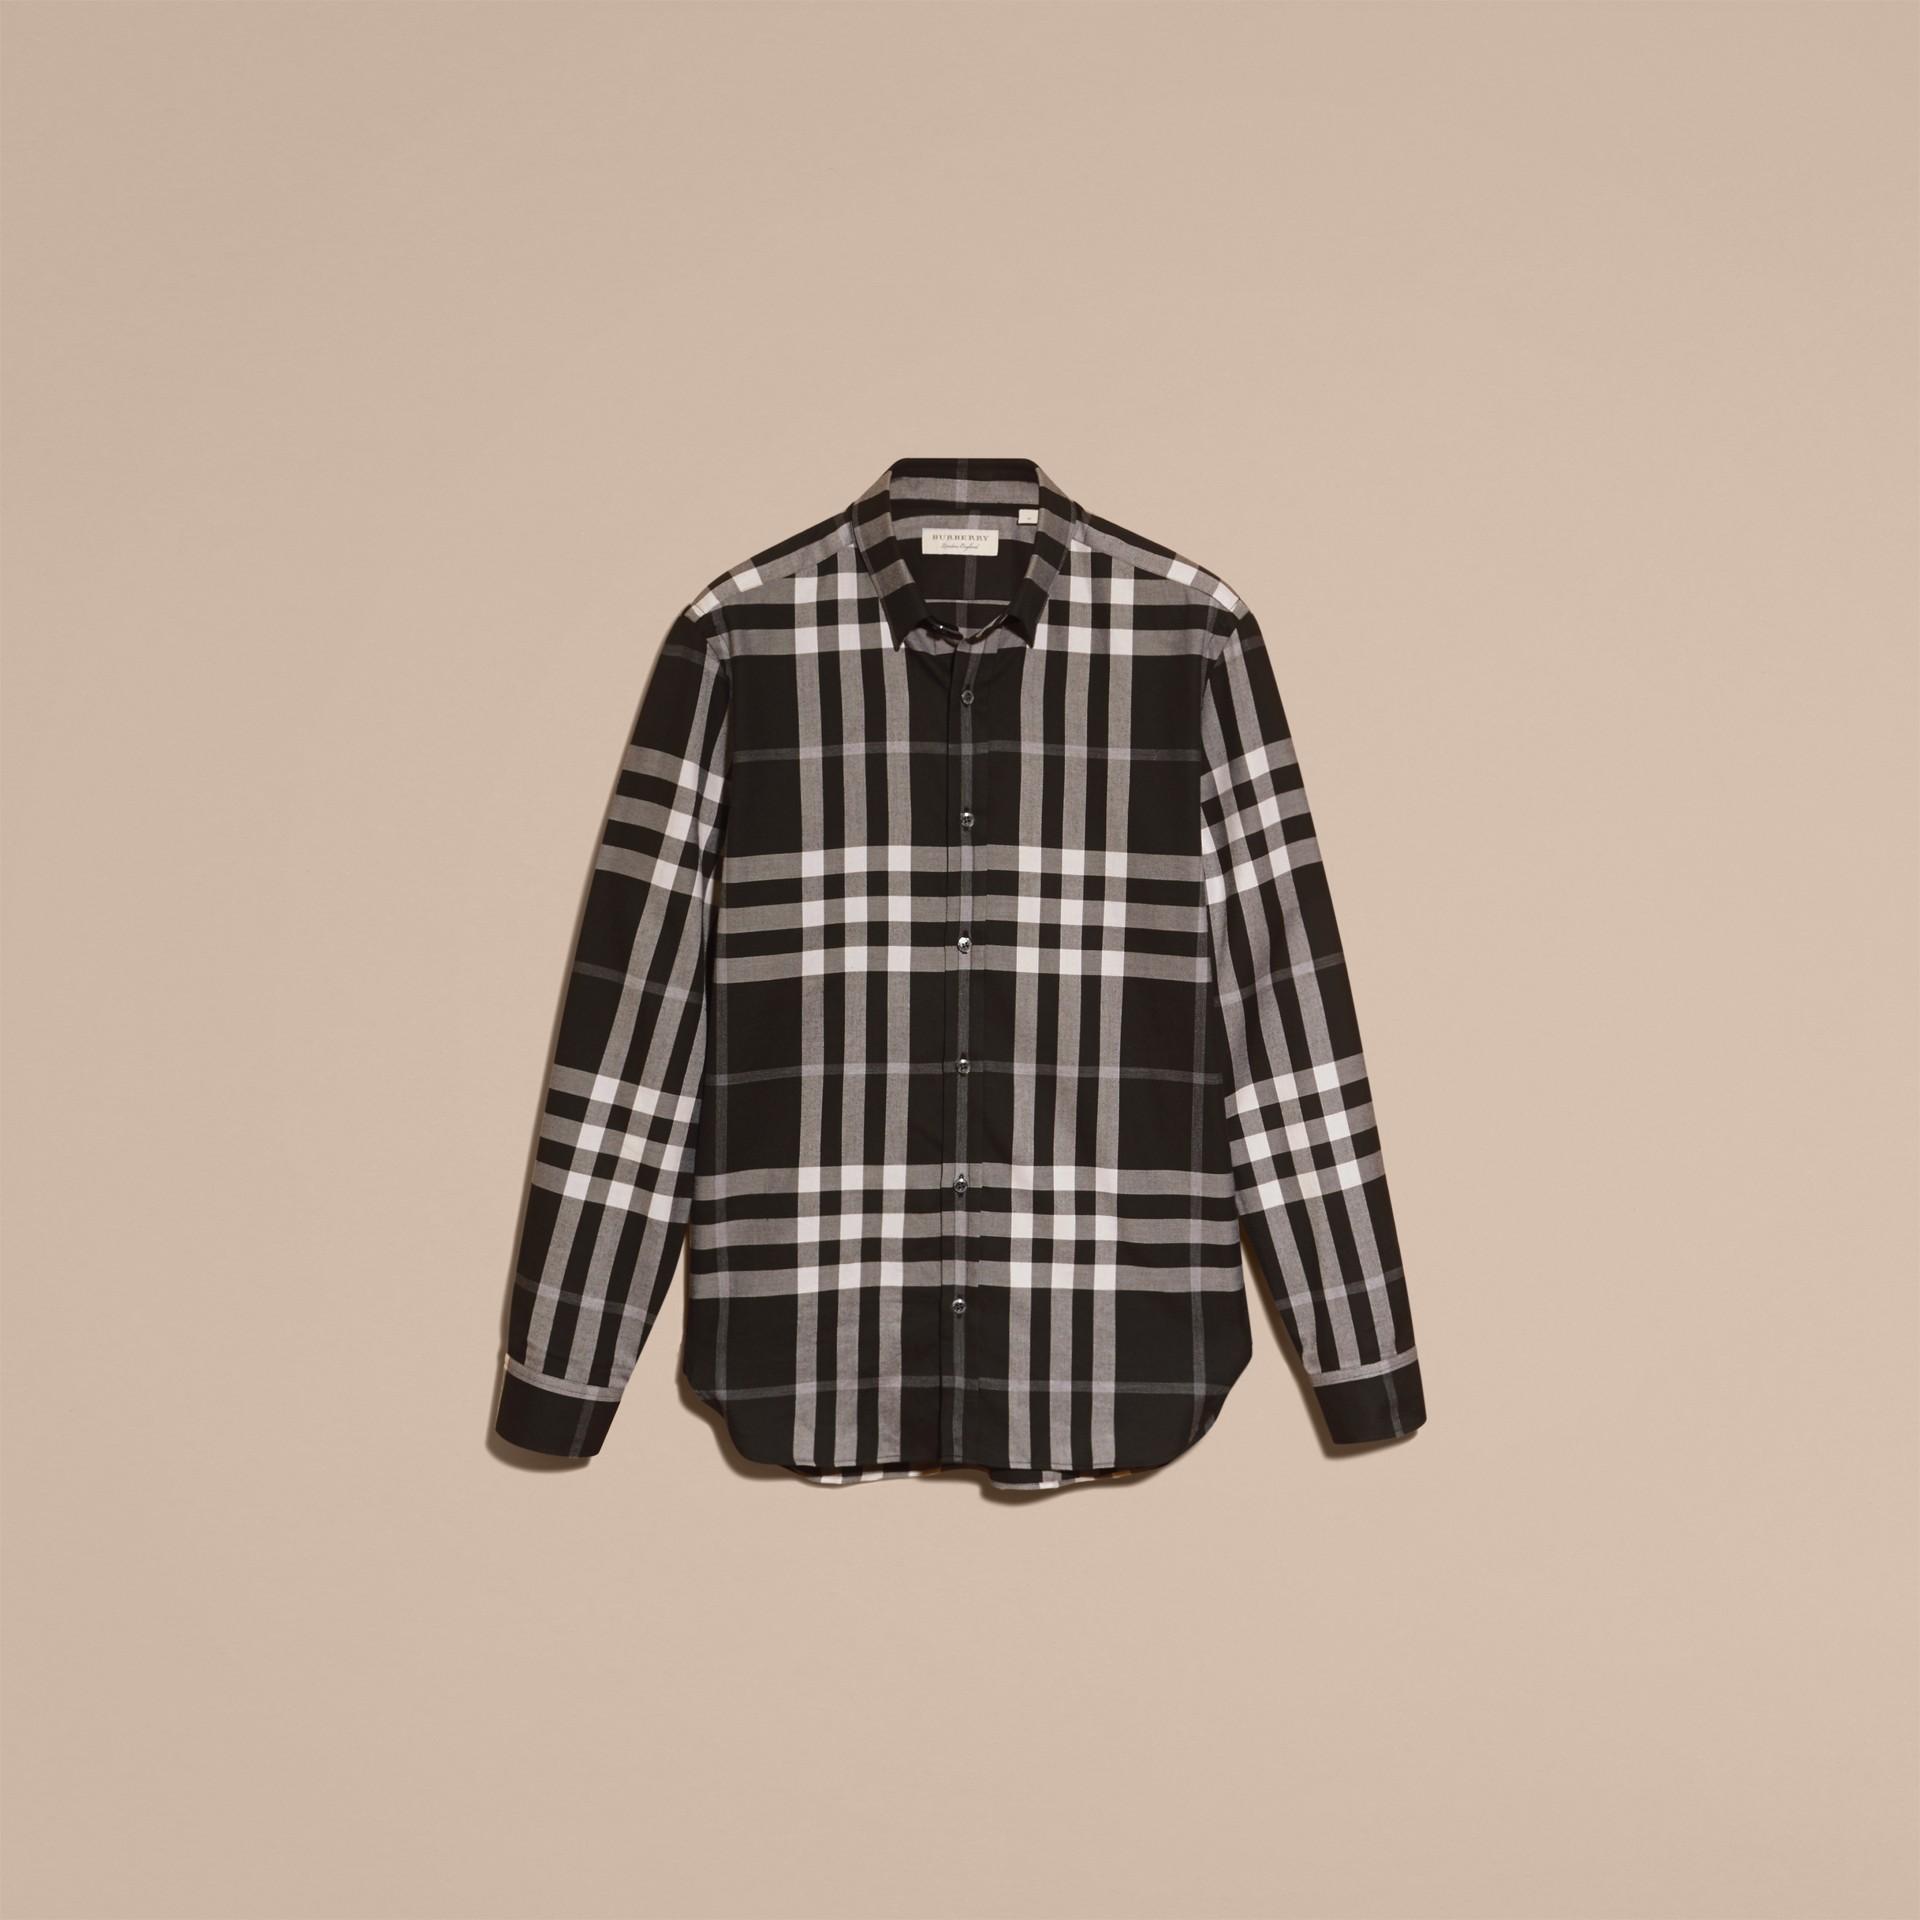 Negro Camisa a cuadros en franela de algodón y cachemir Negro - imagen de la galería 4